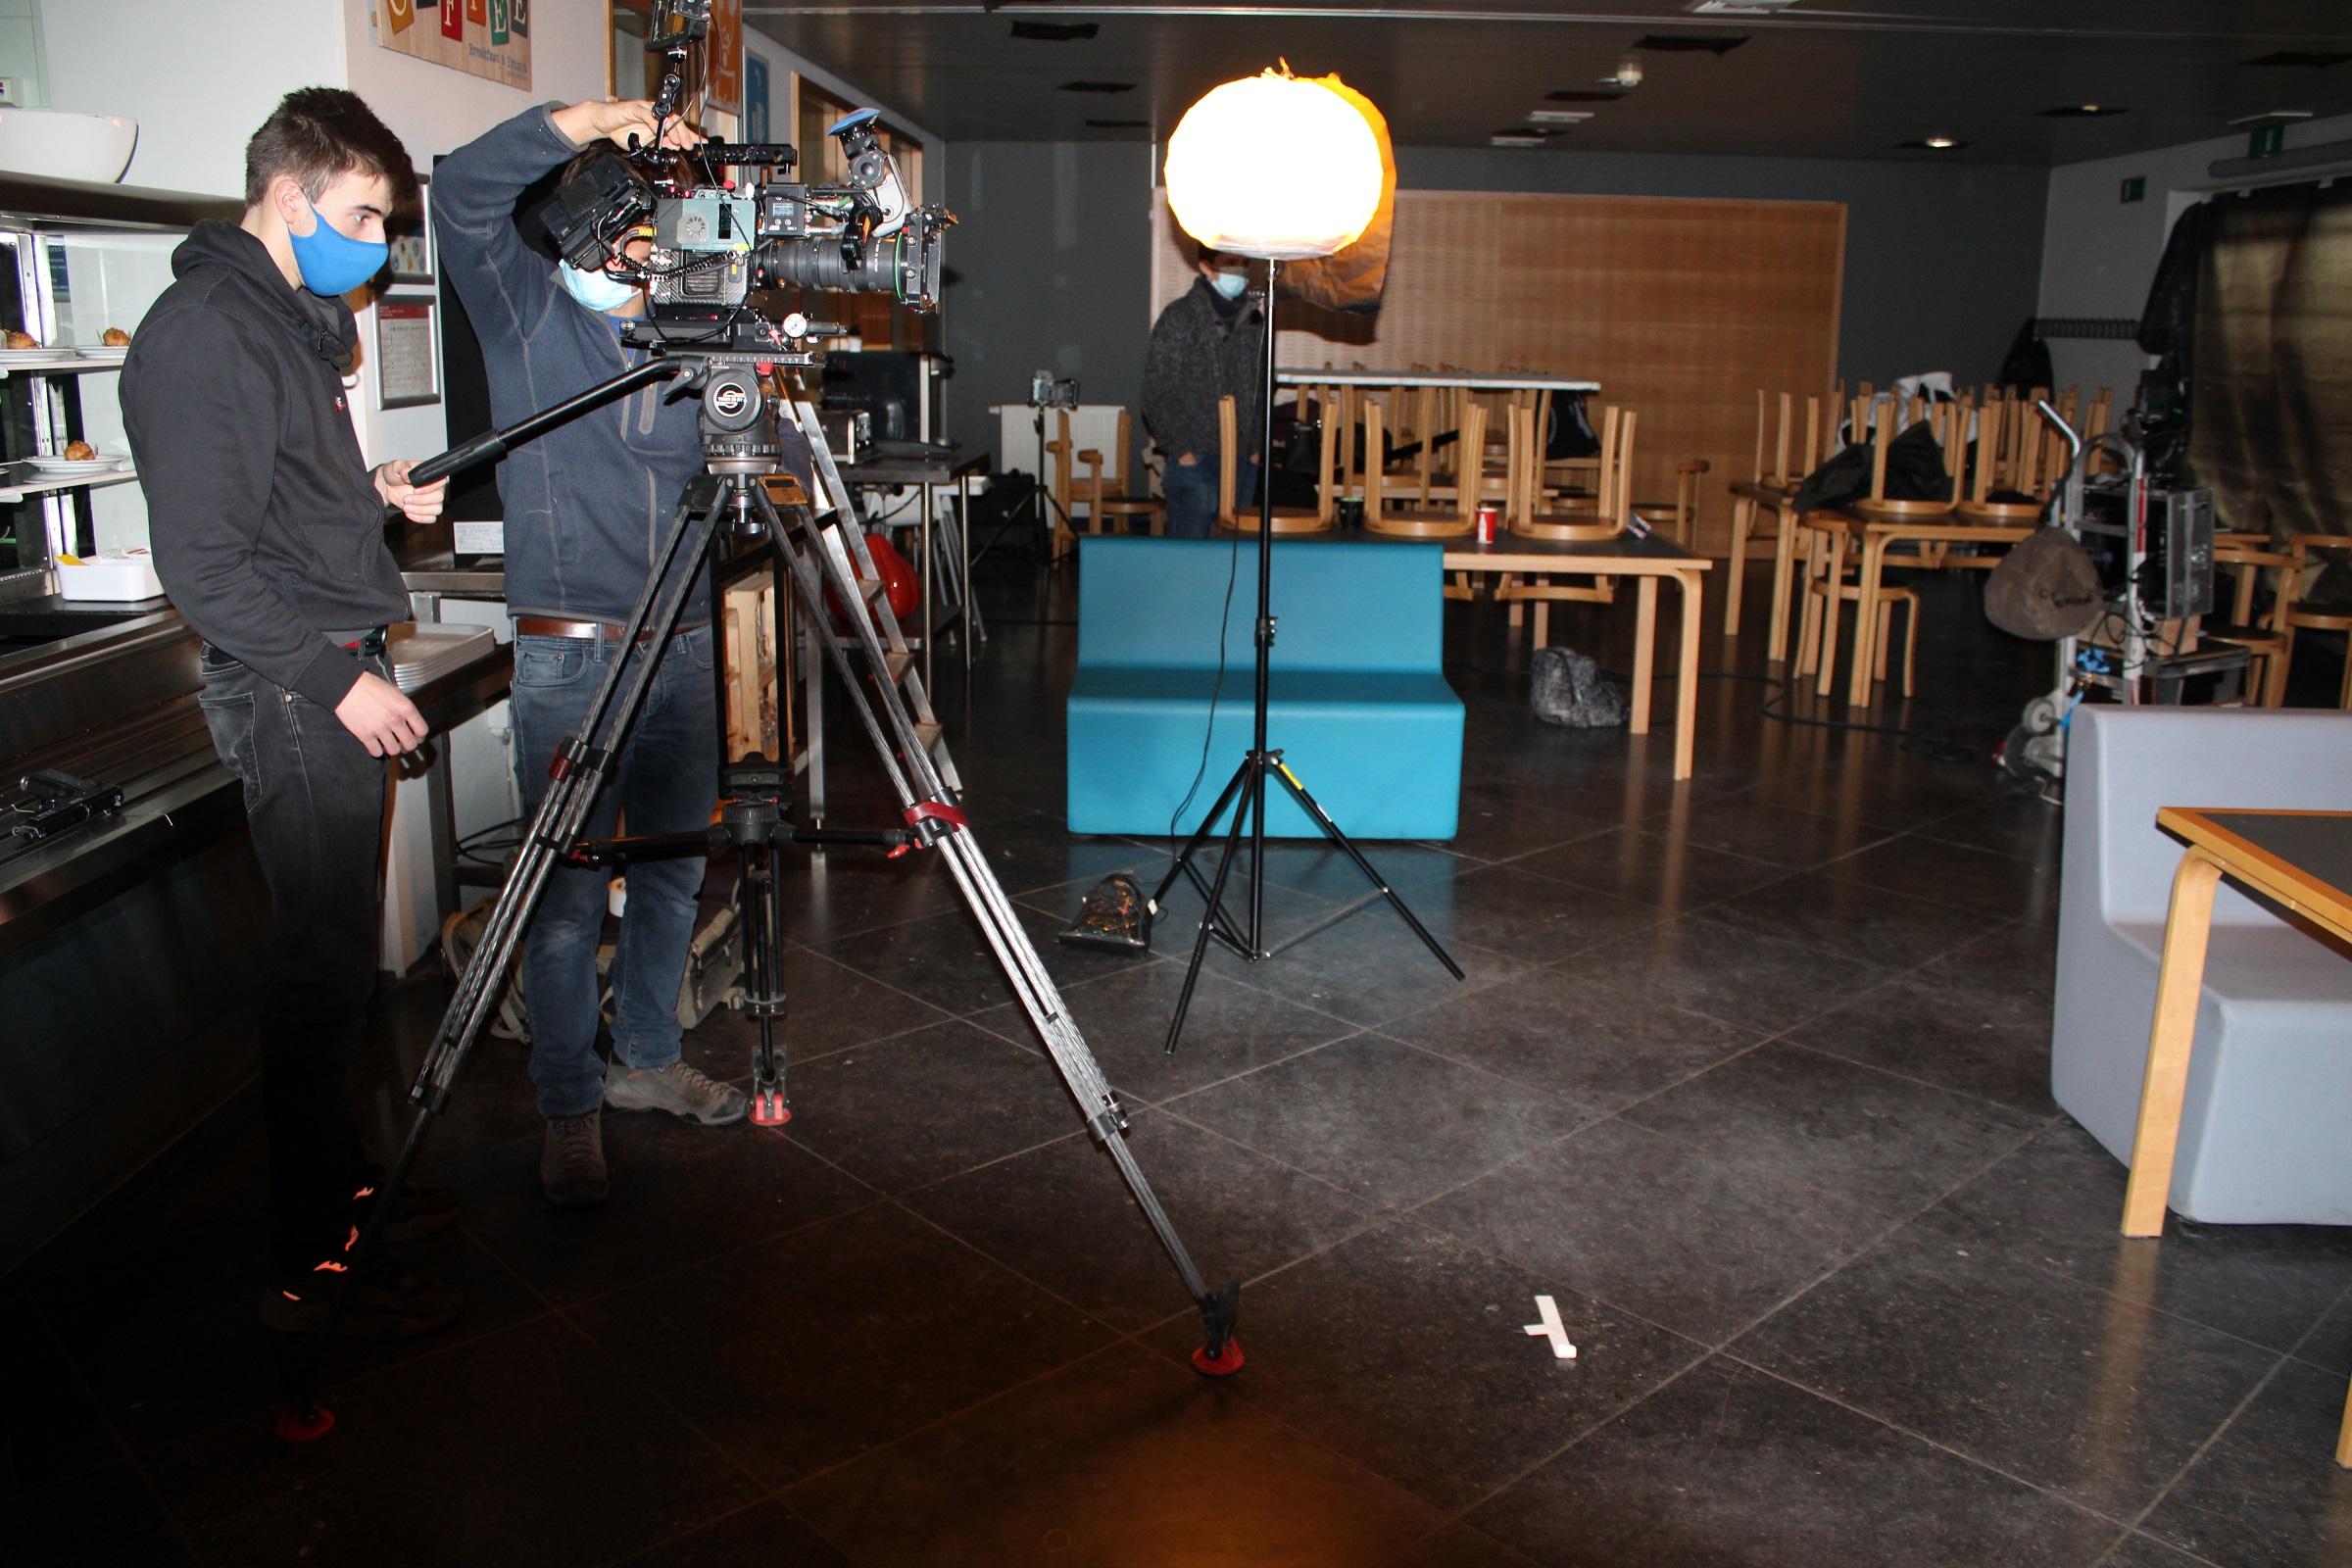 Semaine de tournage :  Cap sur les techniciens de l'image